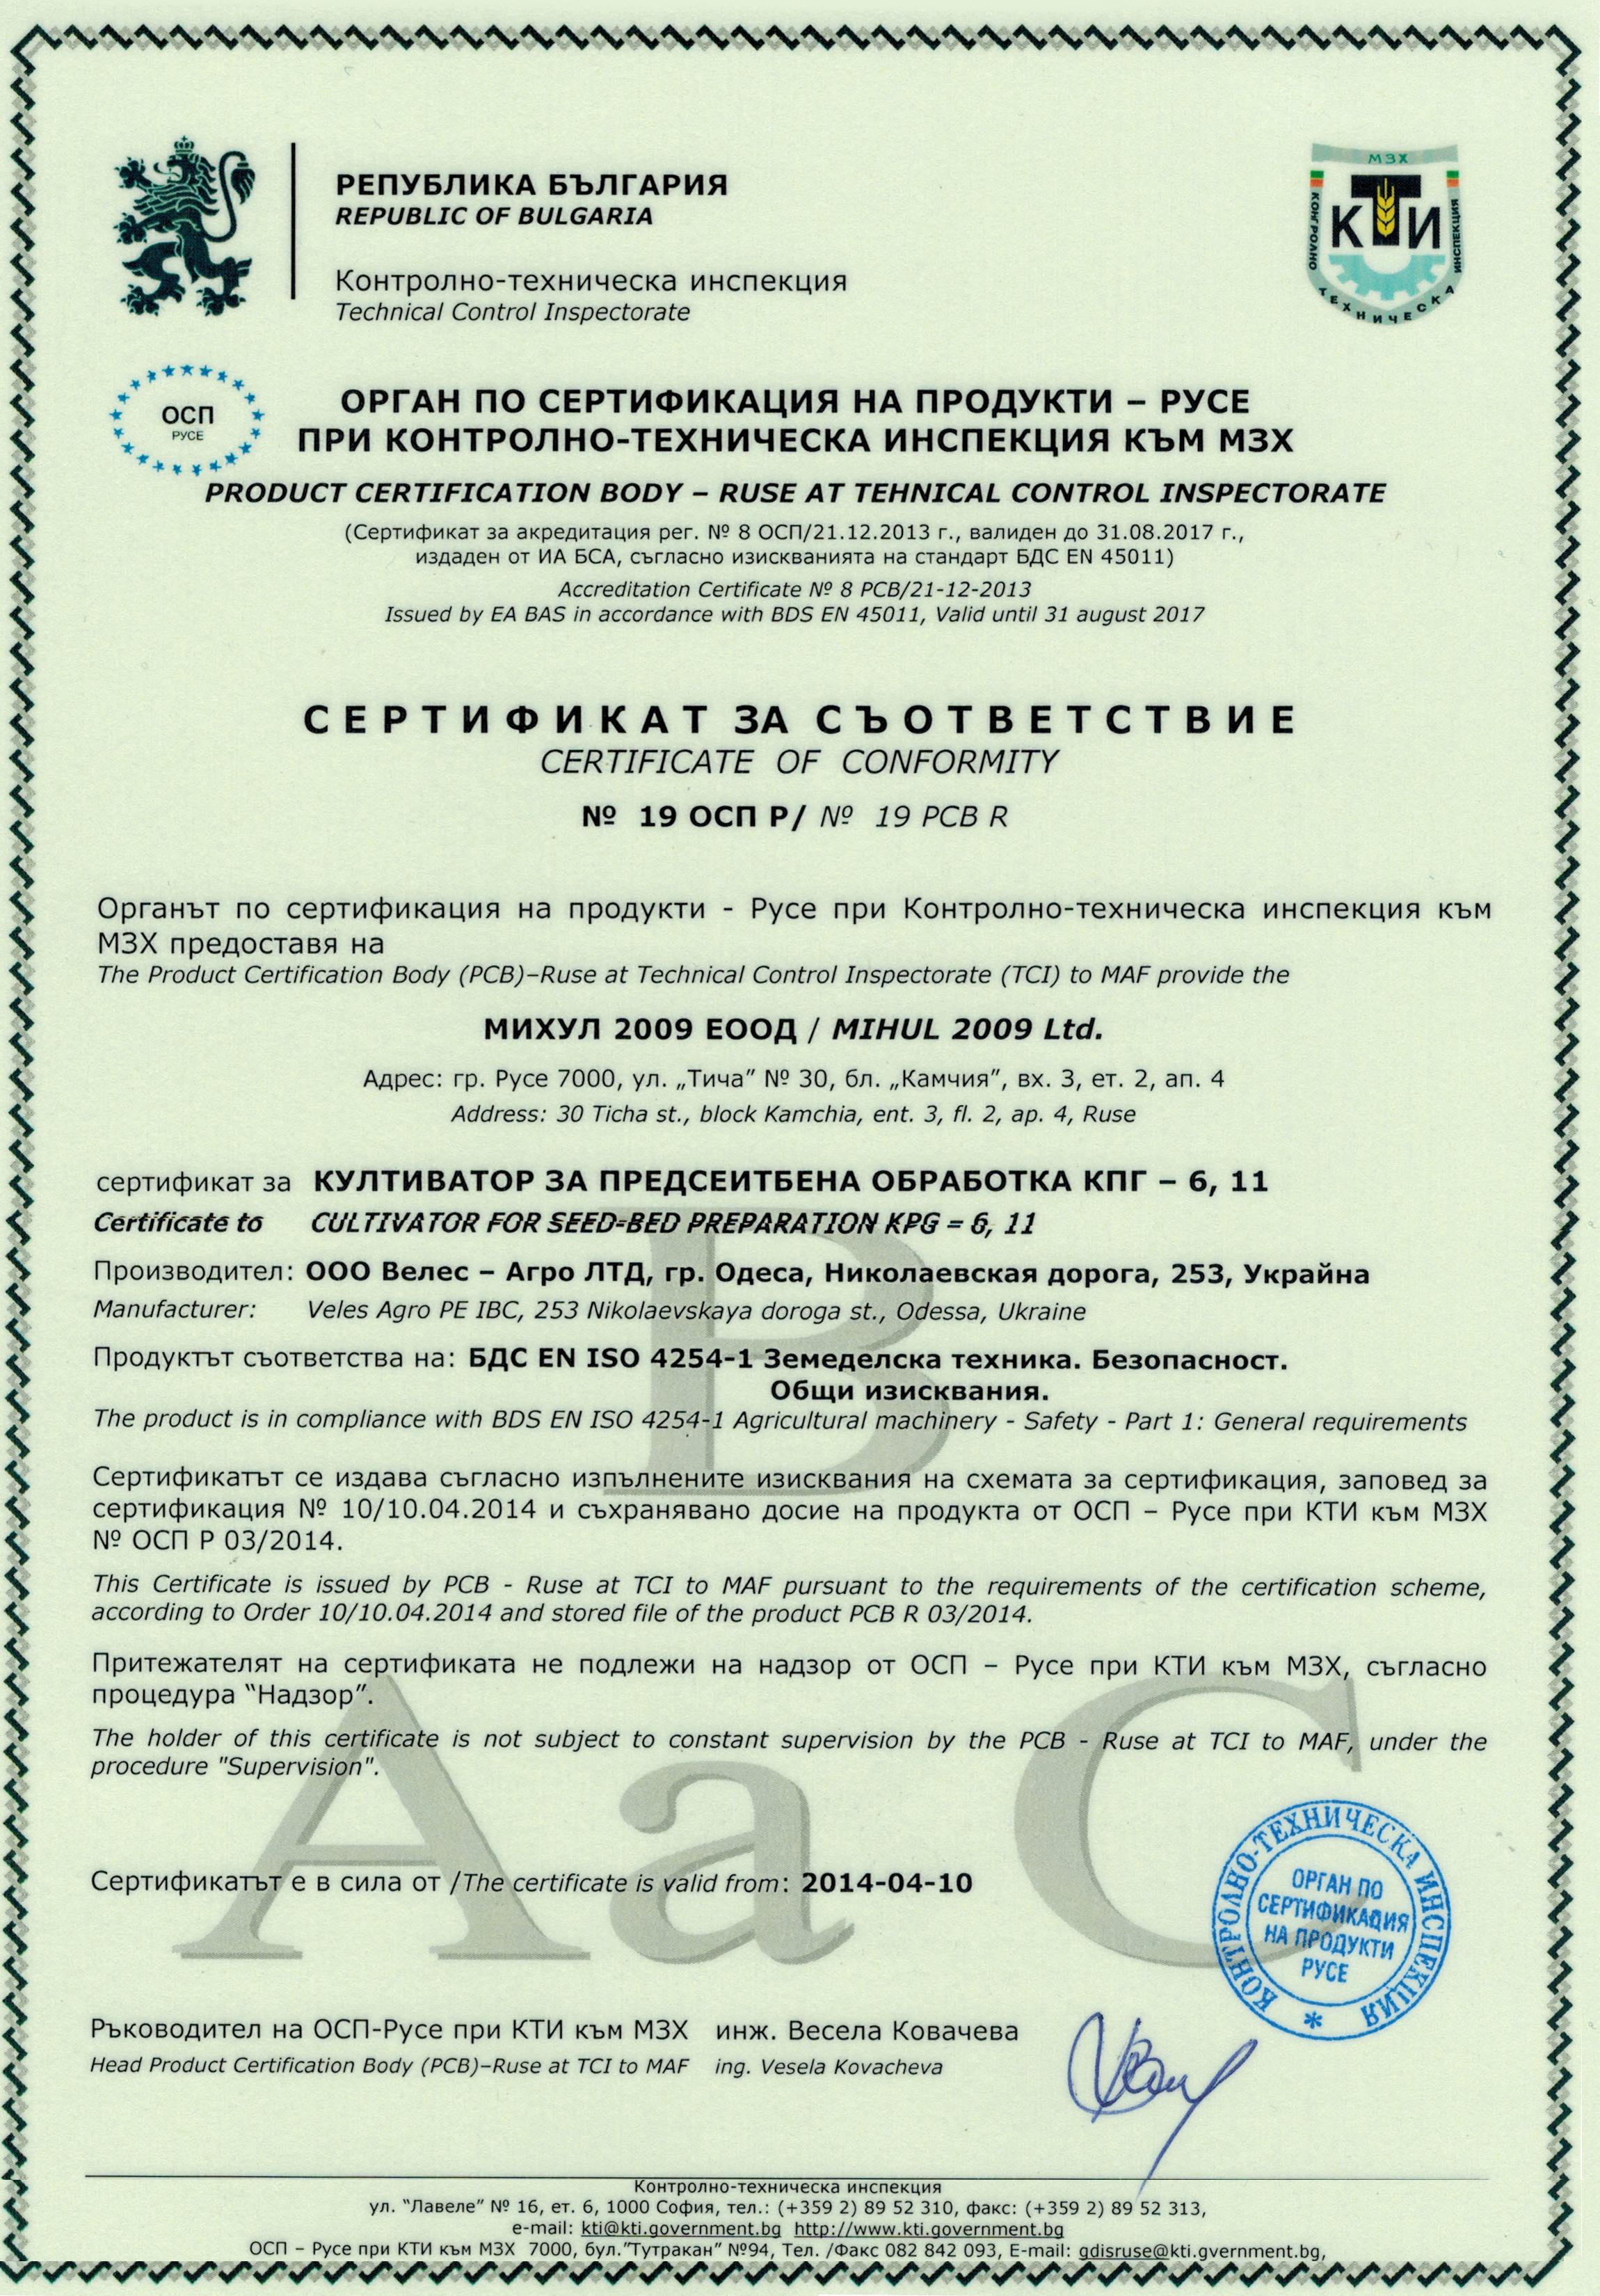 Сертификат соответствия на культиватор КПГ-11 Велес Агро